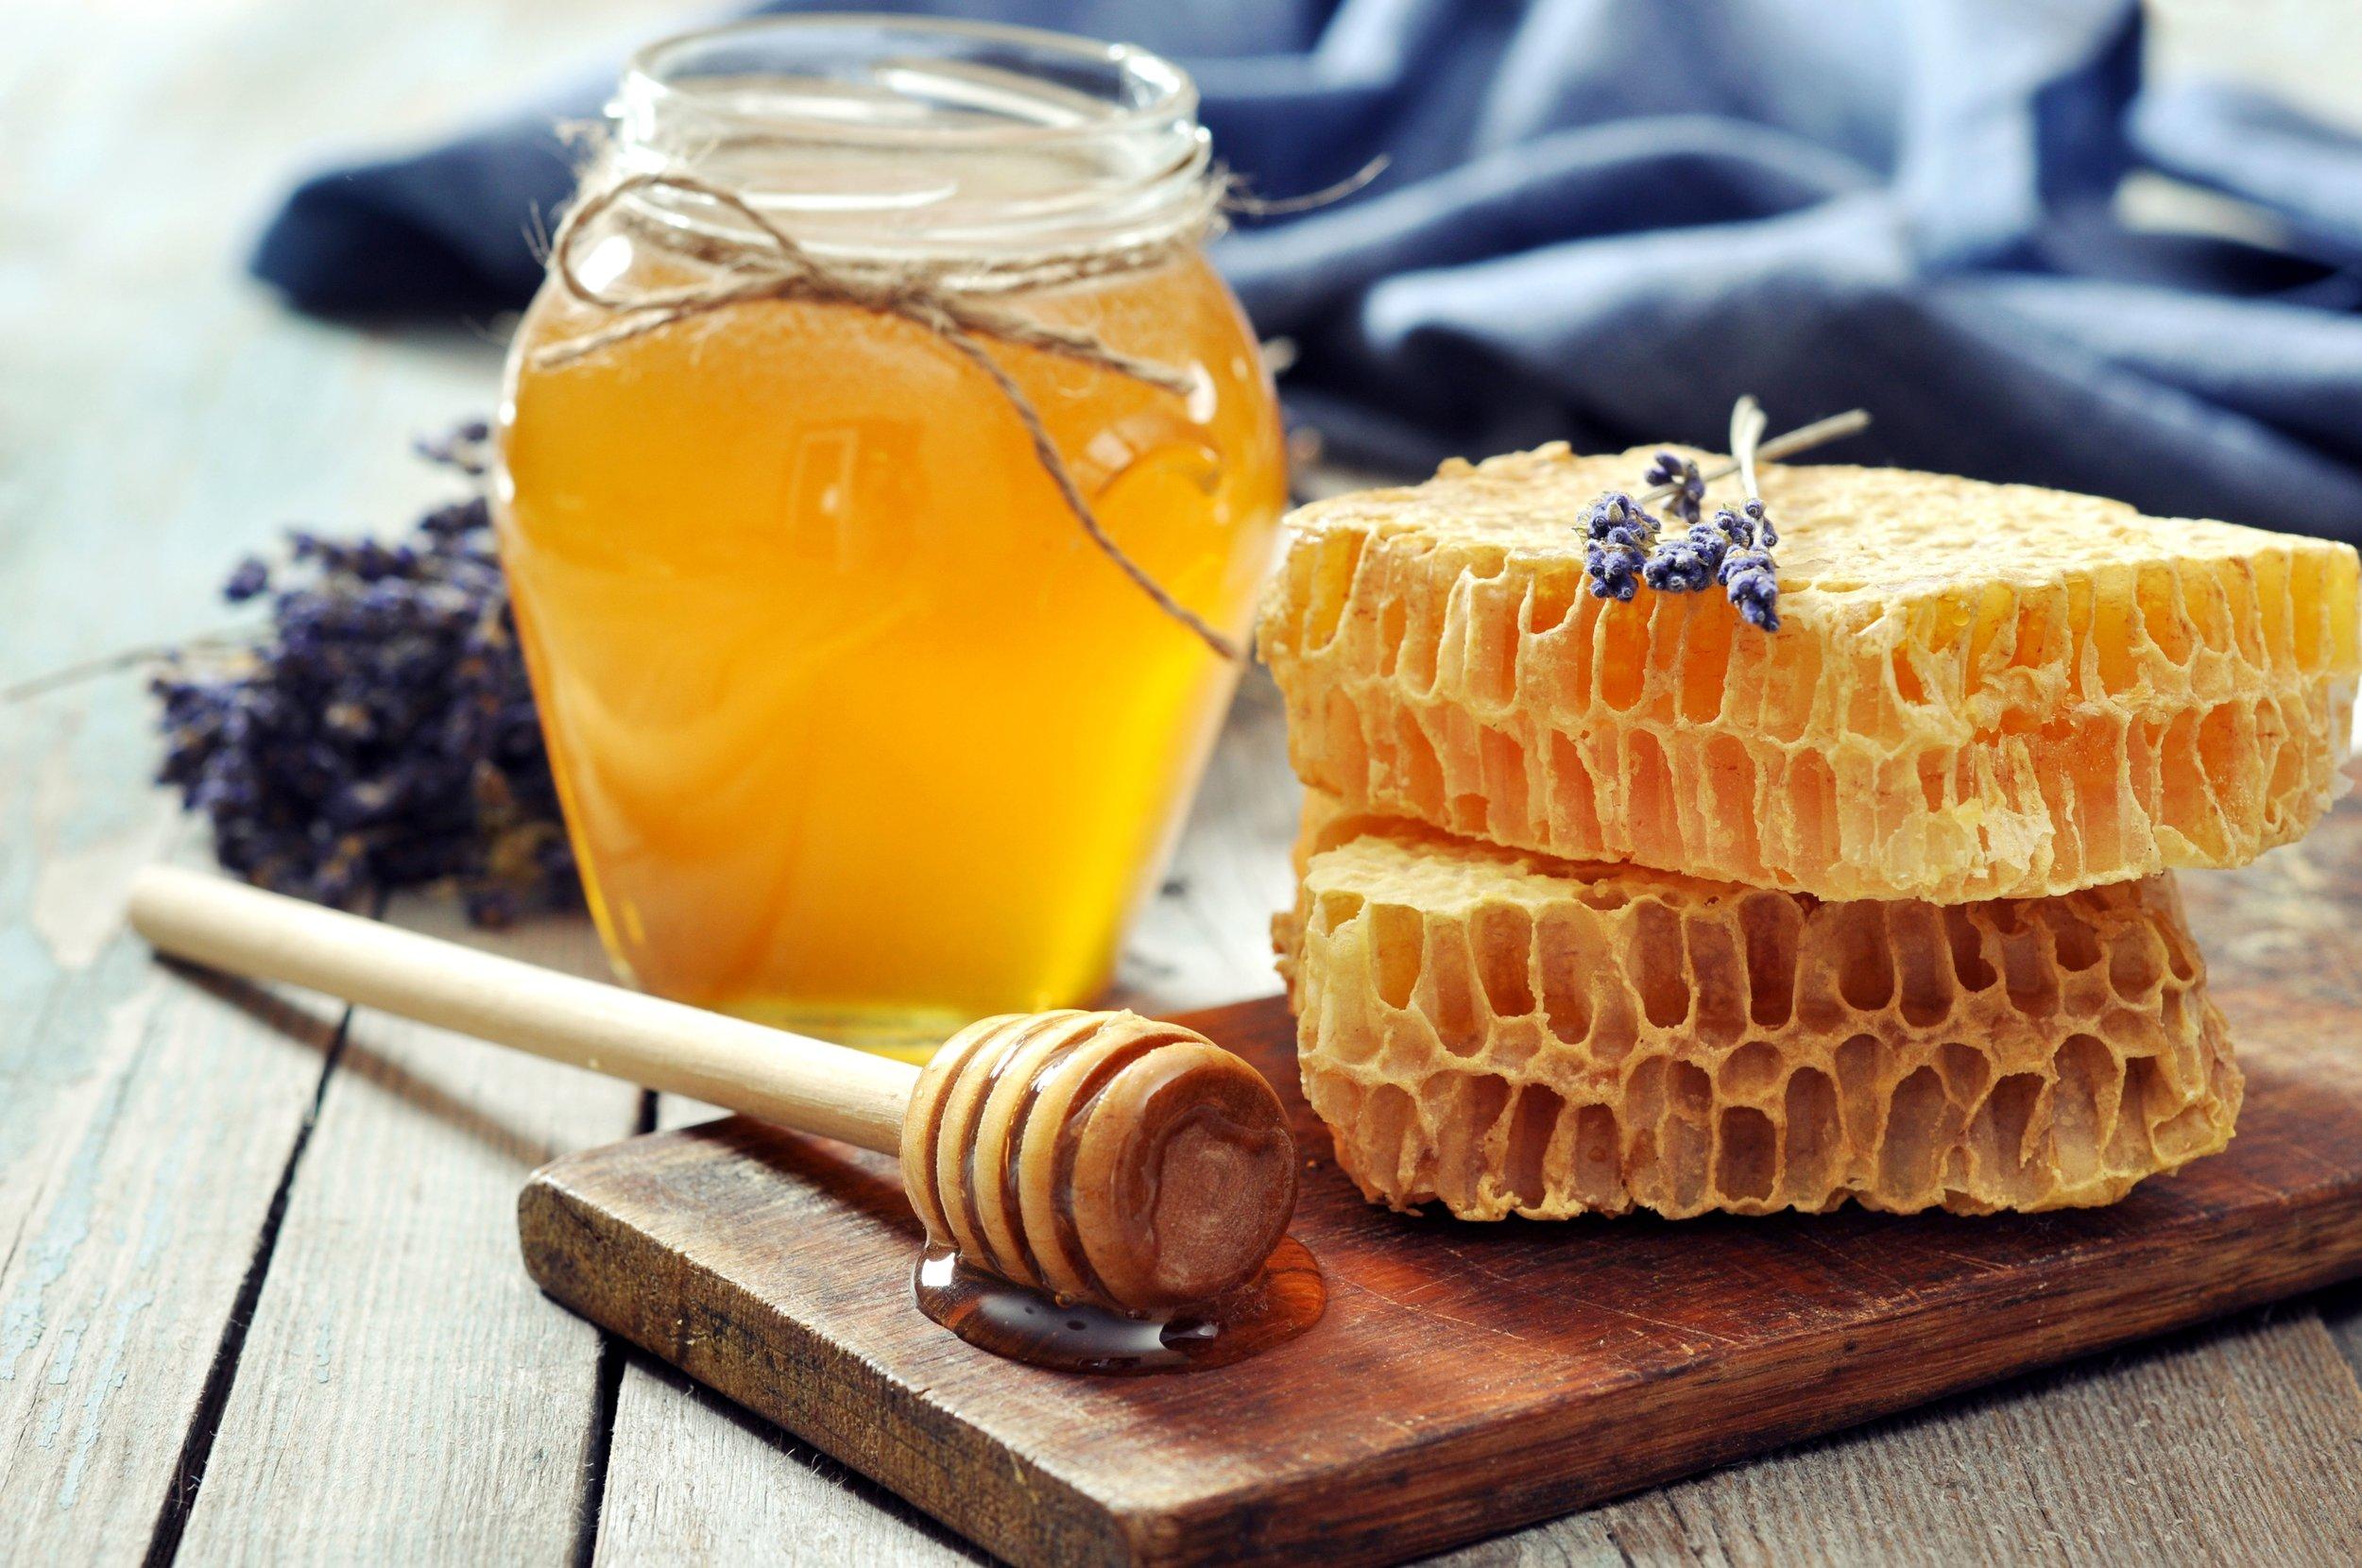 glass-honey-bottle-wallpaper-4.jpg